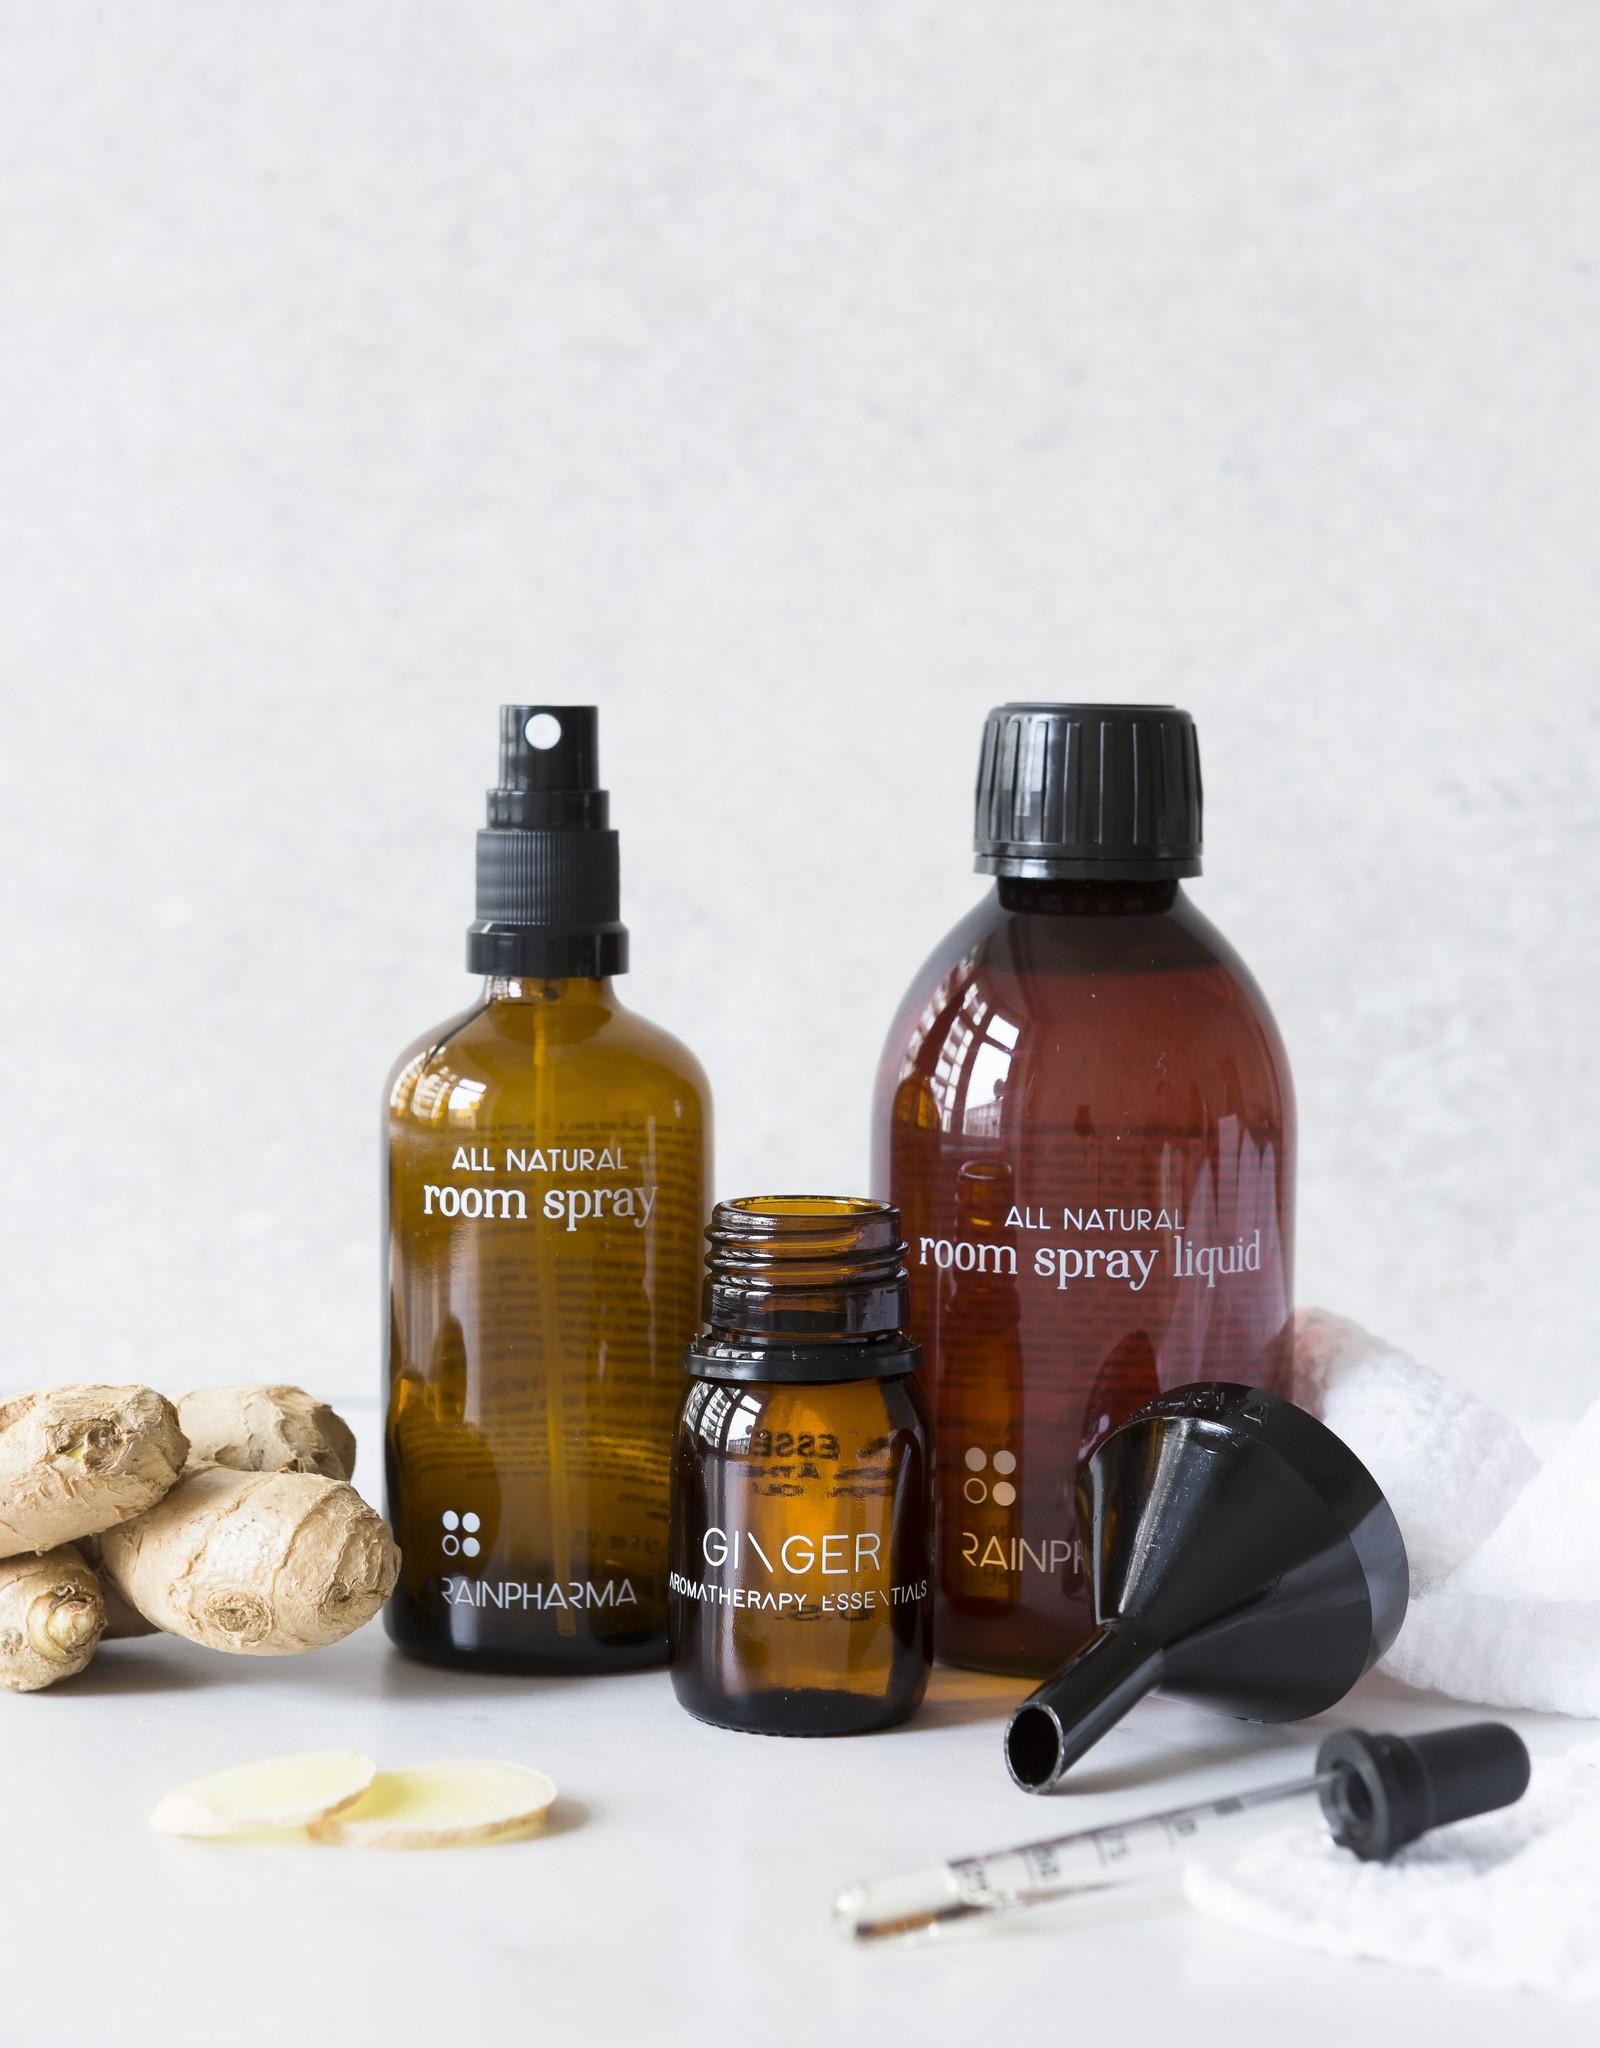 RainPharma Rainpharma - Natural Room Spray Liquid 250ml